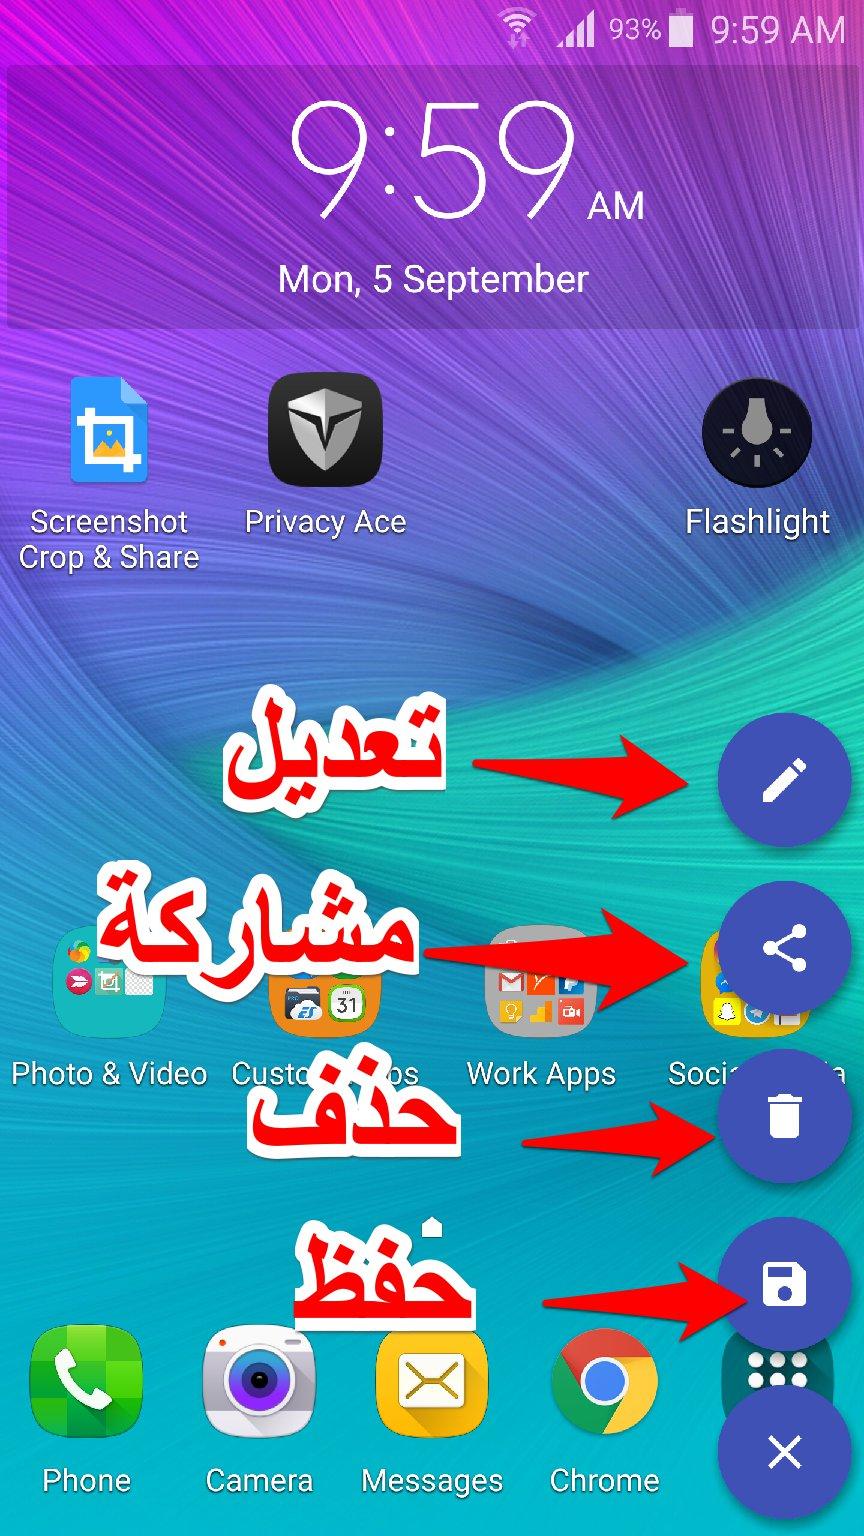 تطبيق Screenshot Crop & Share لتصوير شاشة جوالك وقصها والرسم عليها   بحرية درويد